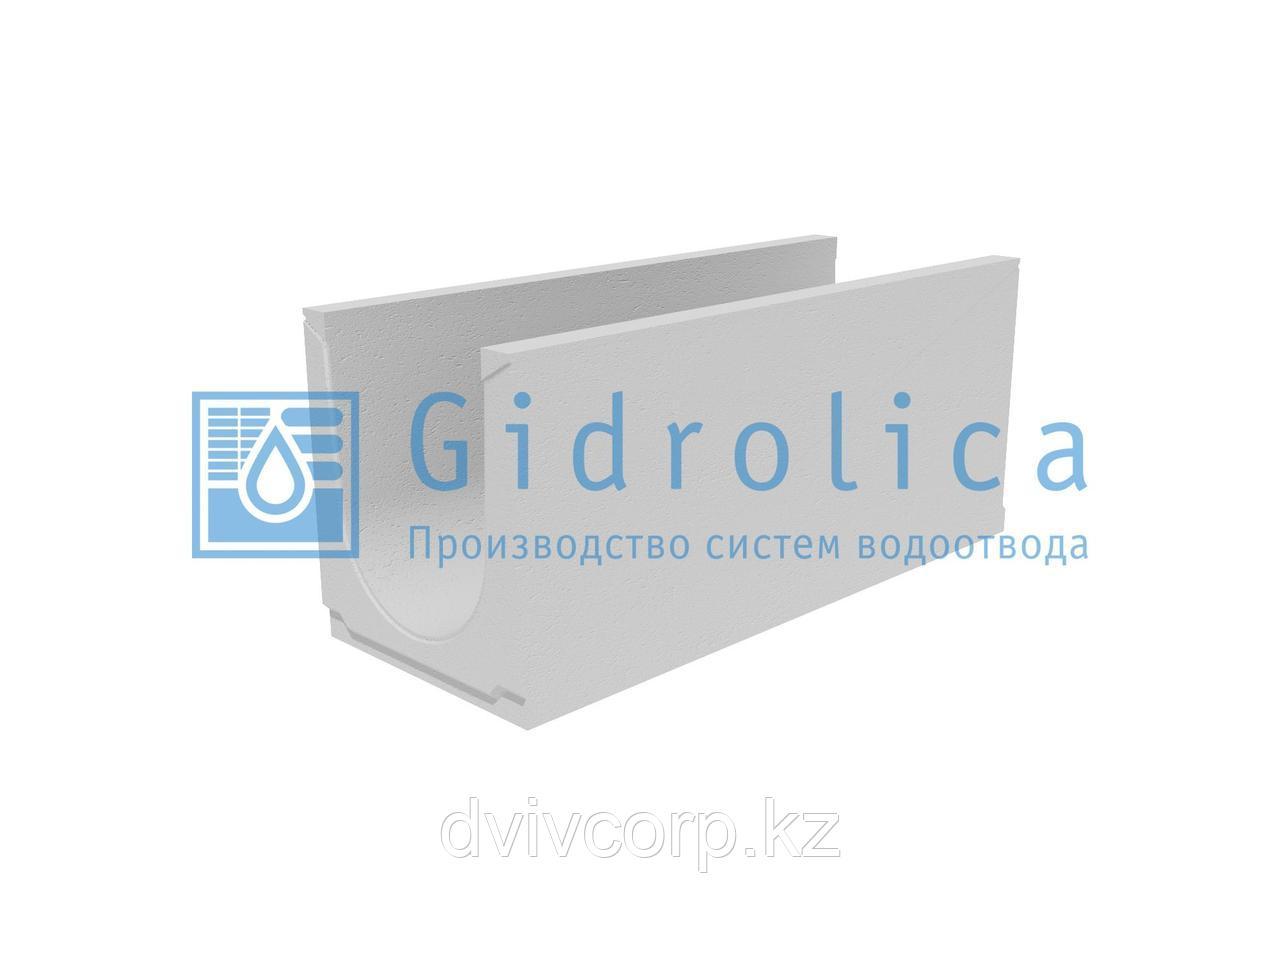 Лоток водоотводный бетонный коробчатый (СО-300мм), с уклоном 0,5% КUу 100.39,4(30).43,5(36,5) - BGU, № 8